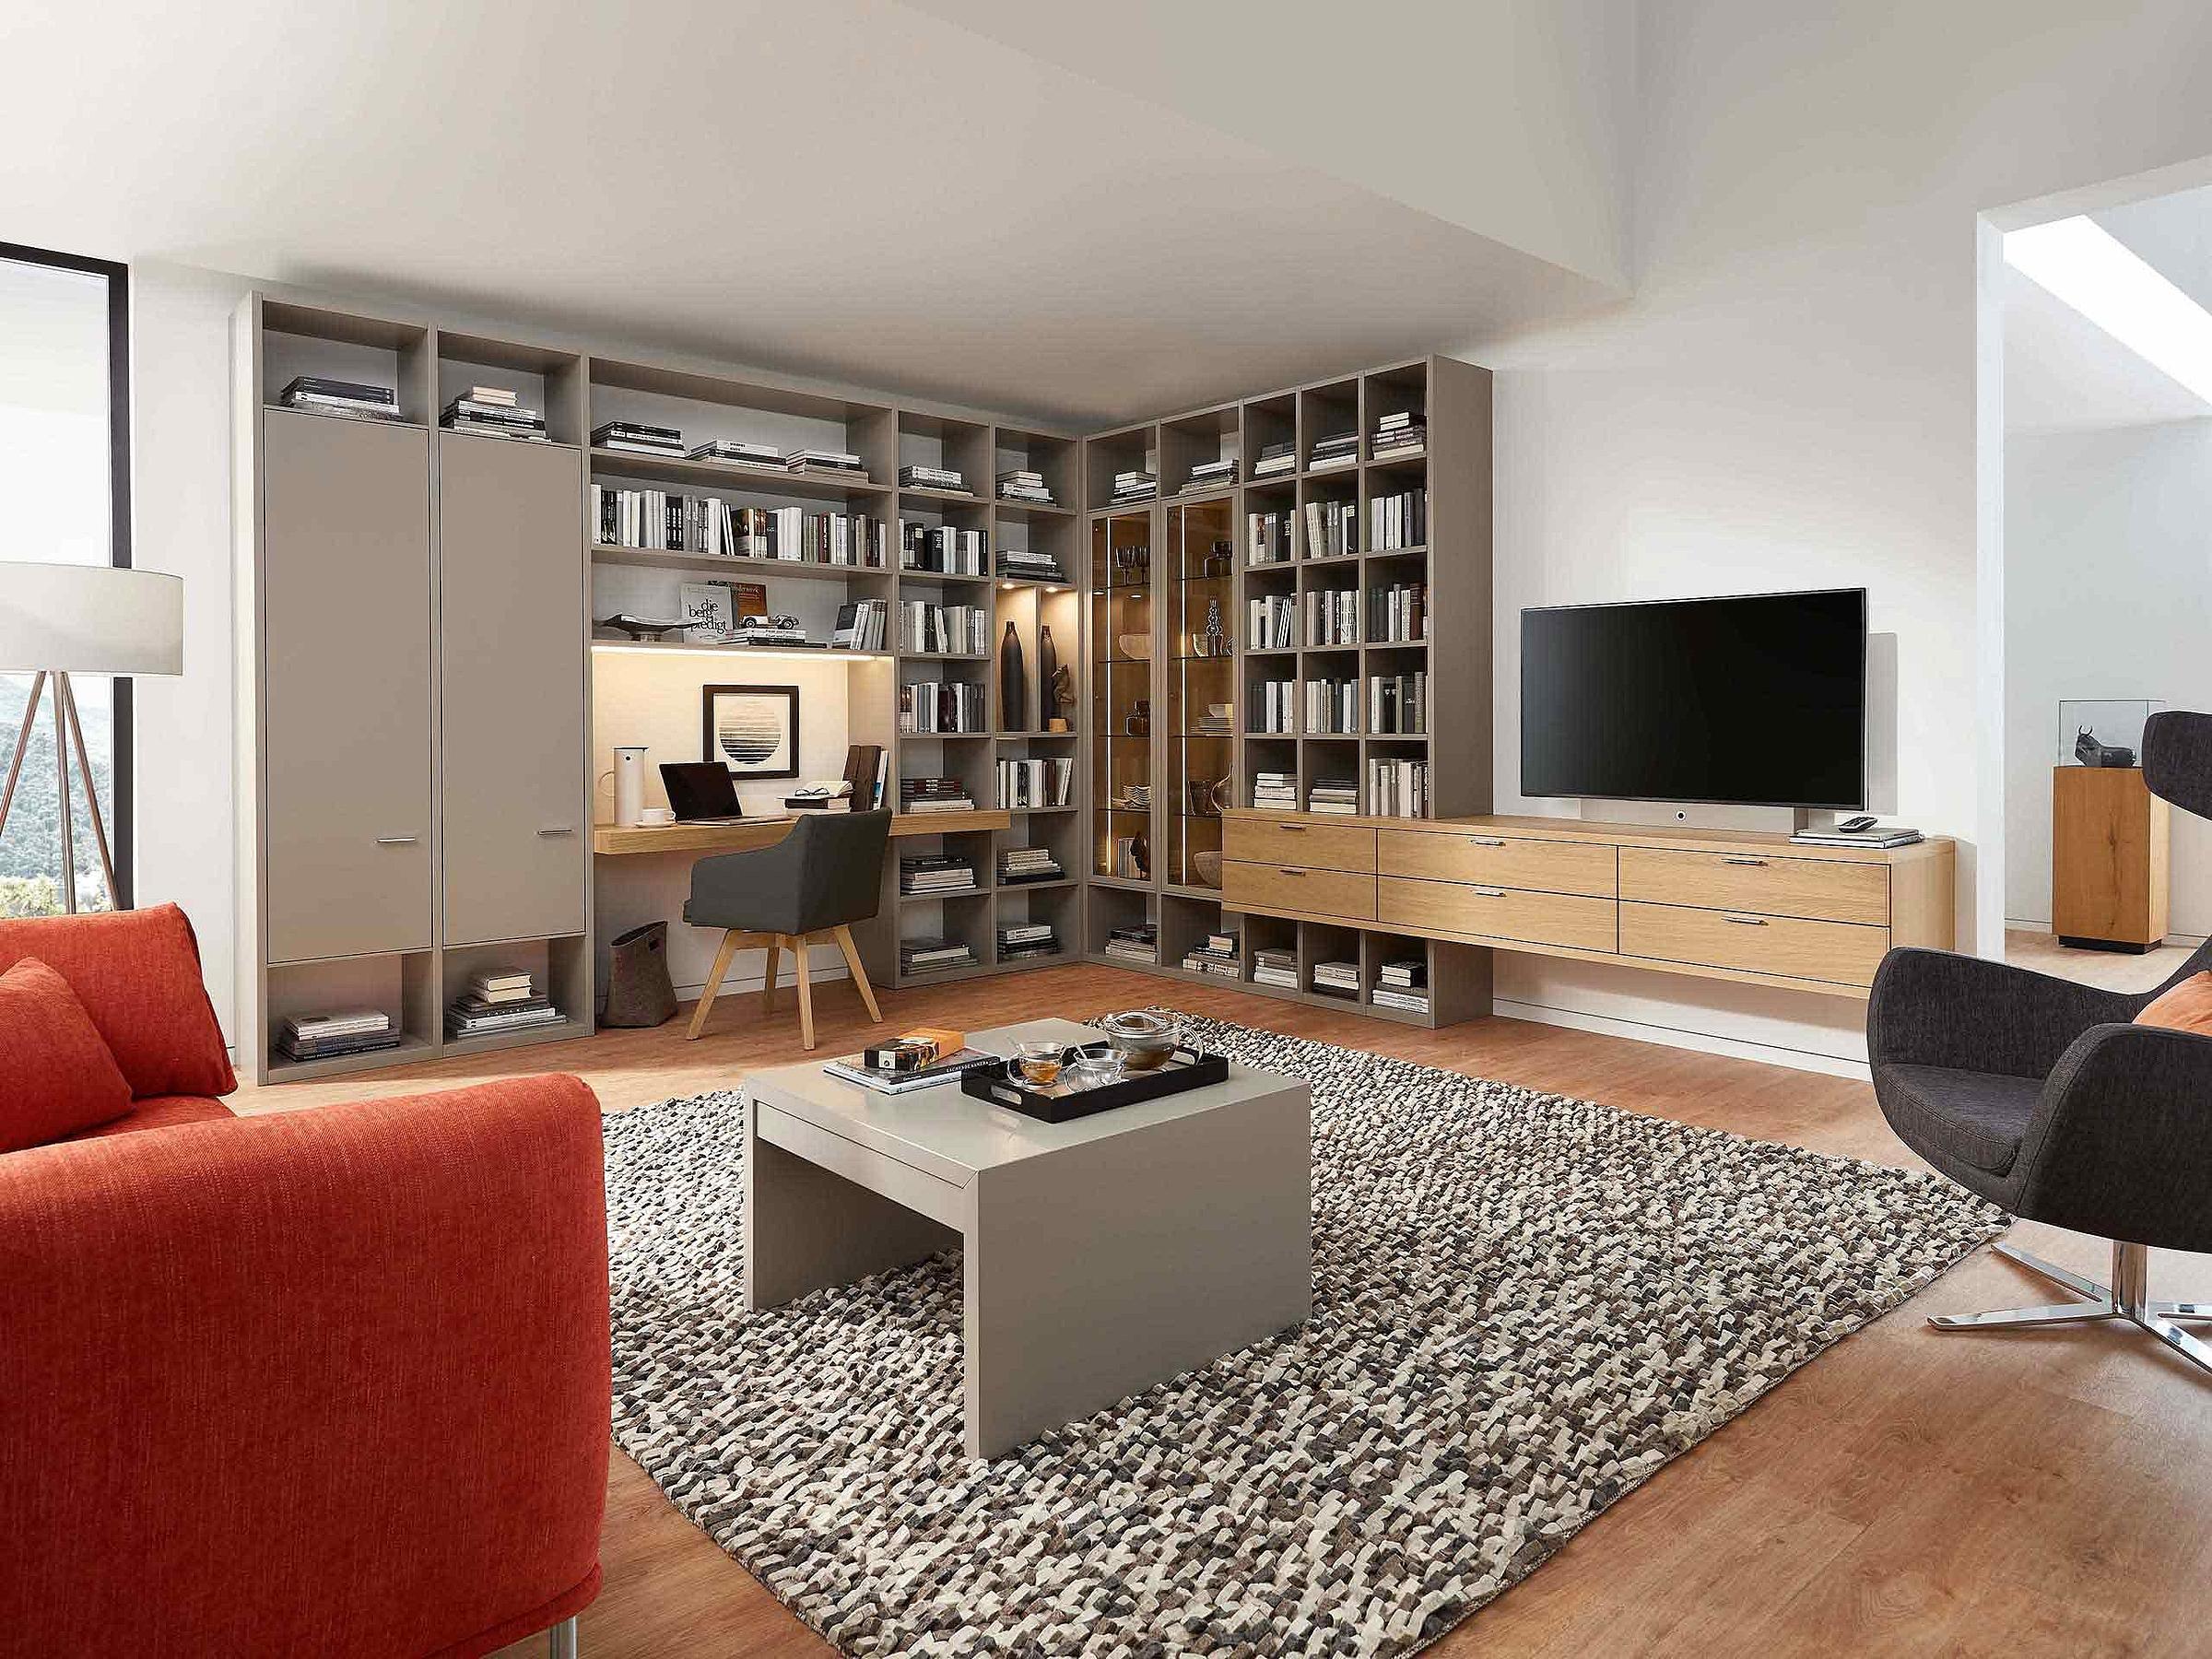 Bibliothek Stuhl Wohnzimmer Siena Lack grau